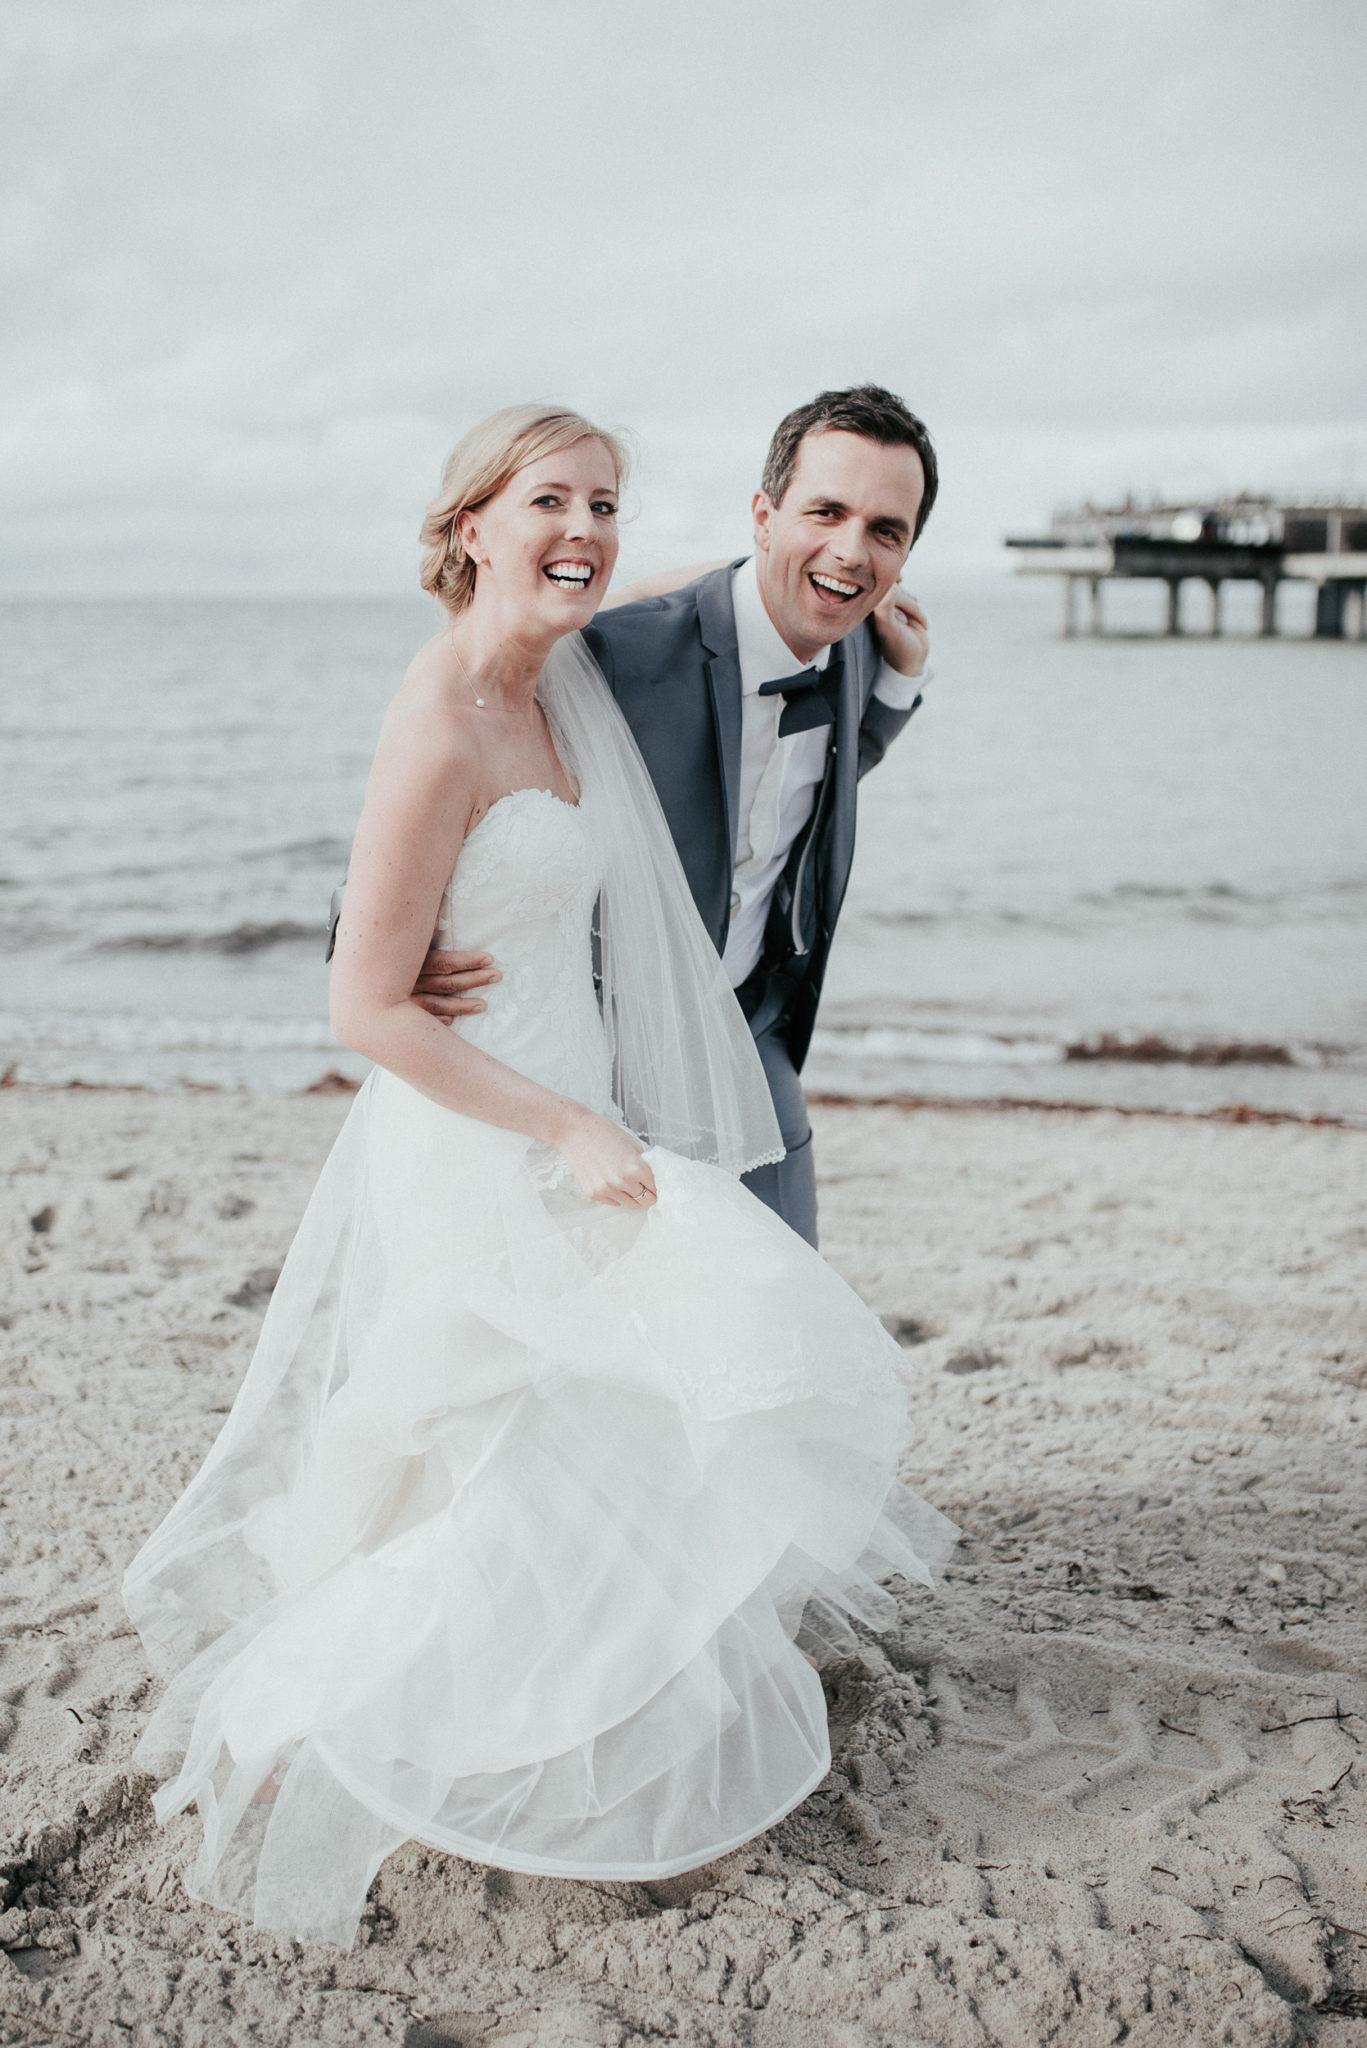 Svenja und Ben Fotografie Hochzeitsfotos Heiligenhafen Ostsee Meer Sankt Peter Ording Mallorca Elopement Weddingphotographer Hohzeitsfotografen